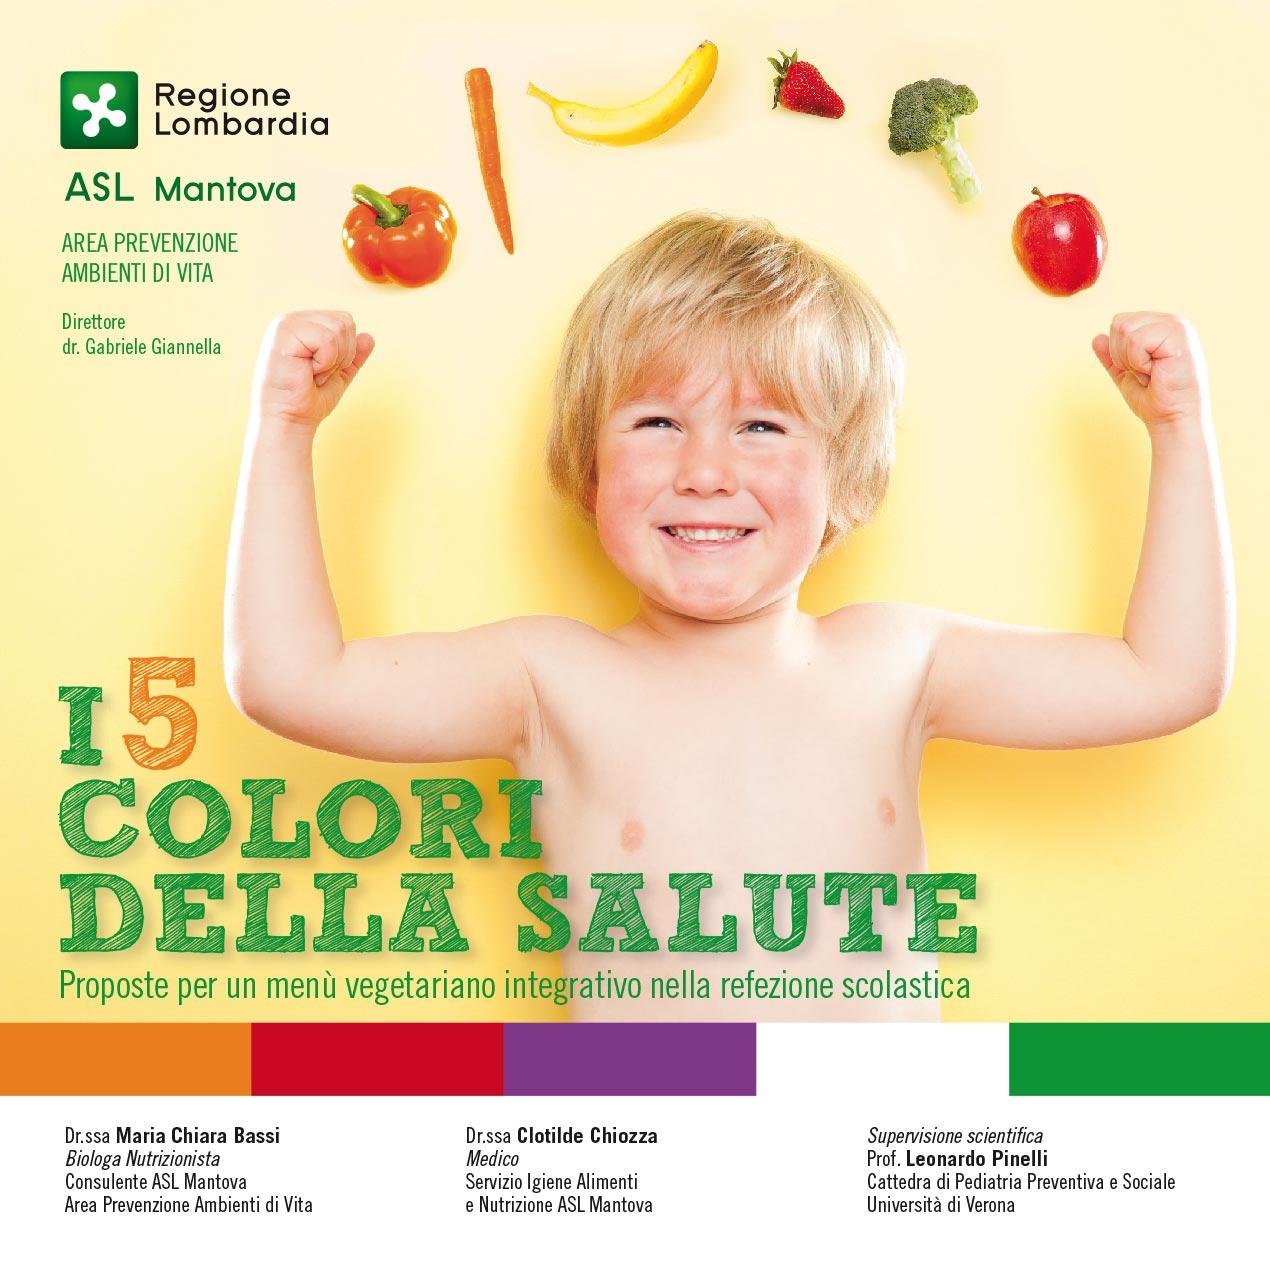 ASL MANTOVA | I 5 COLORI DELLA SALUTE